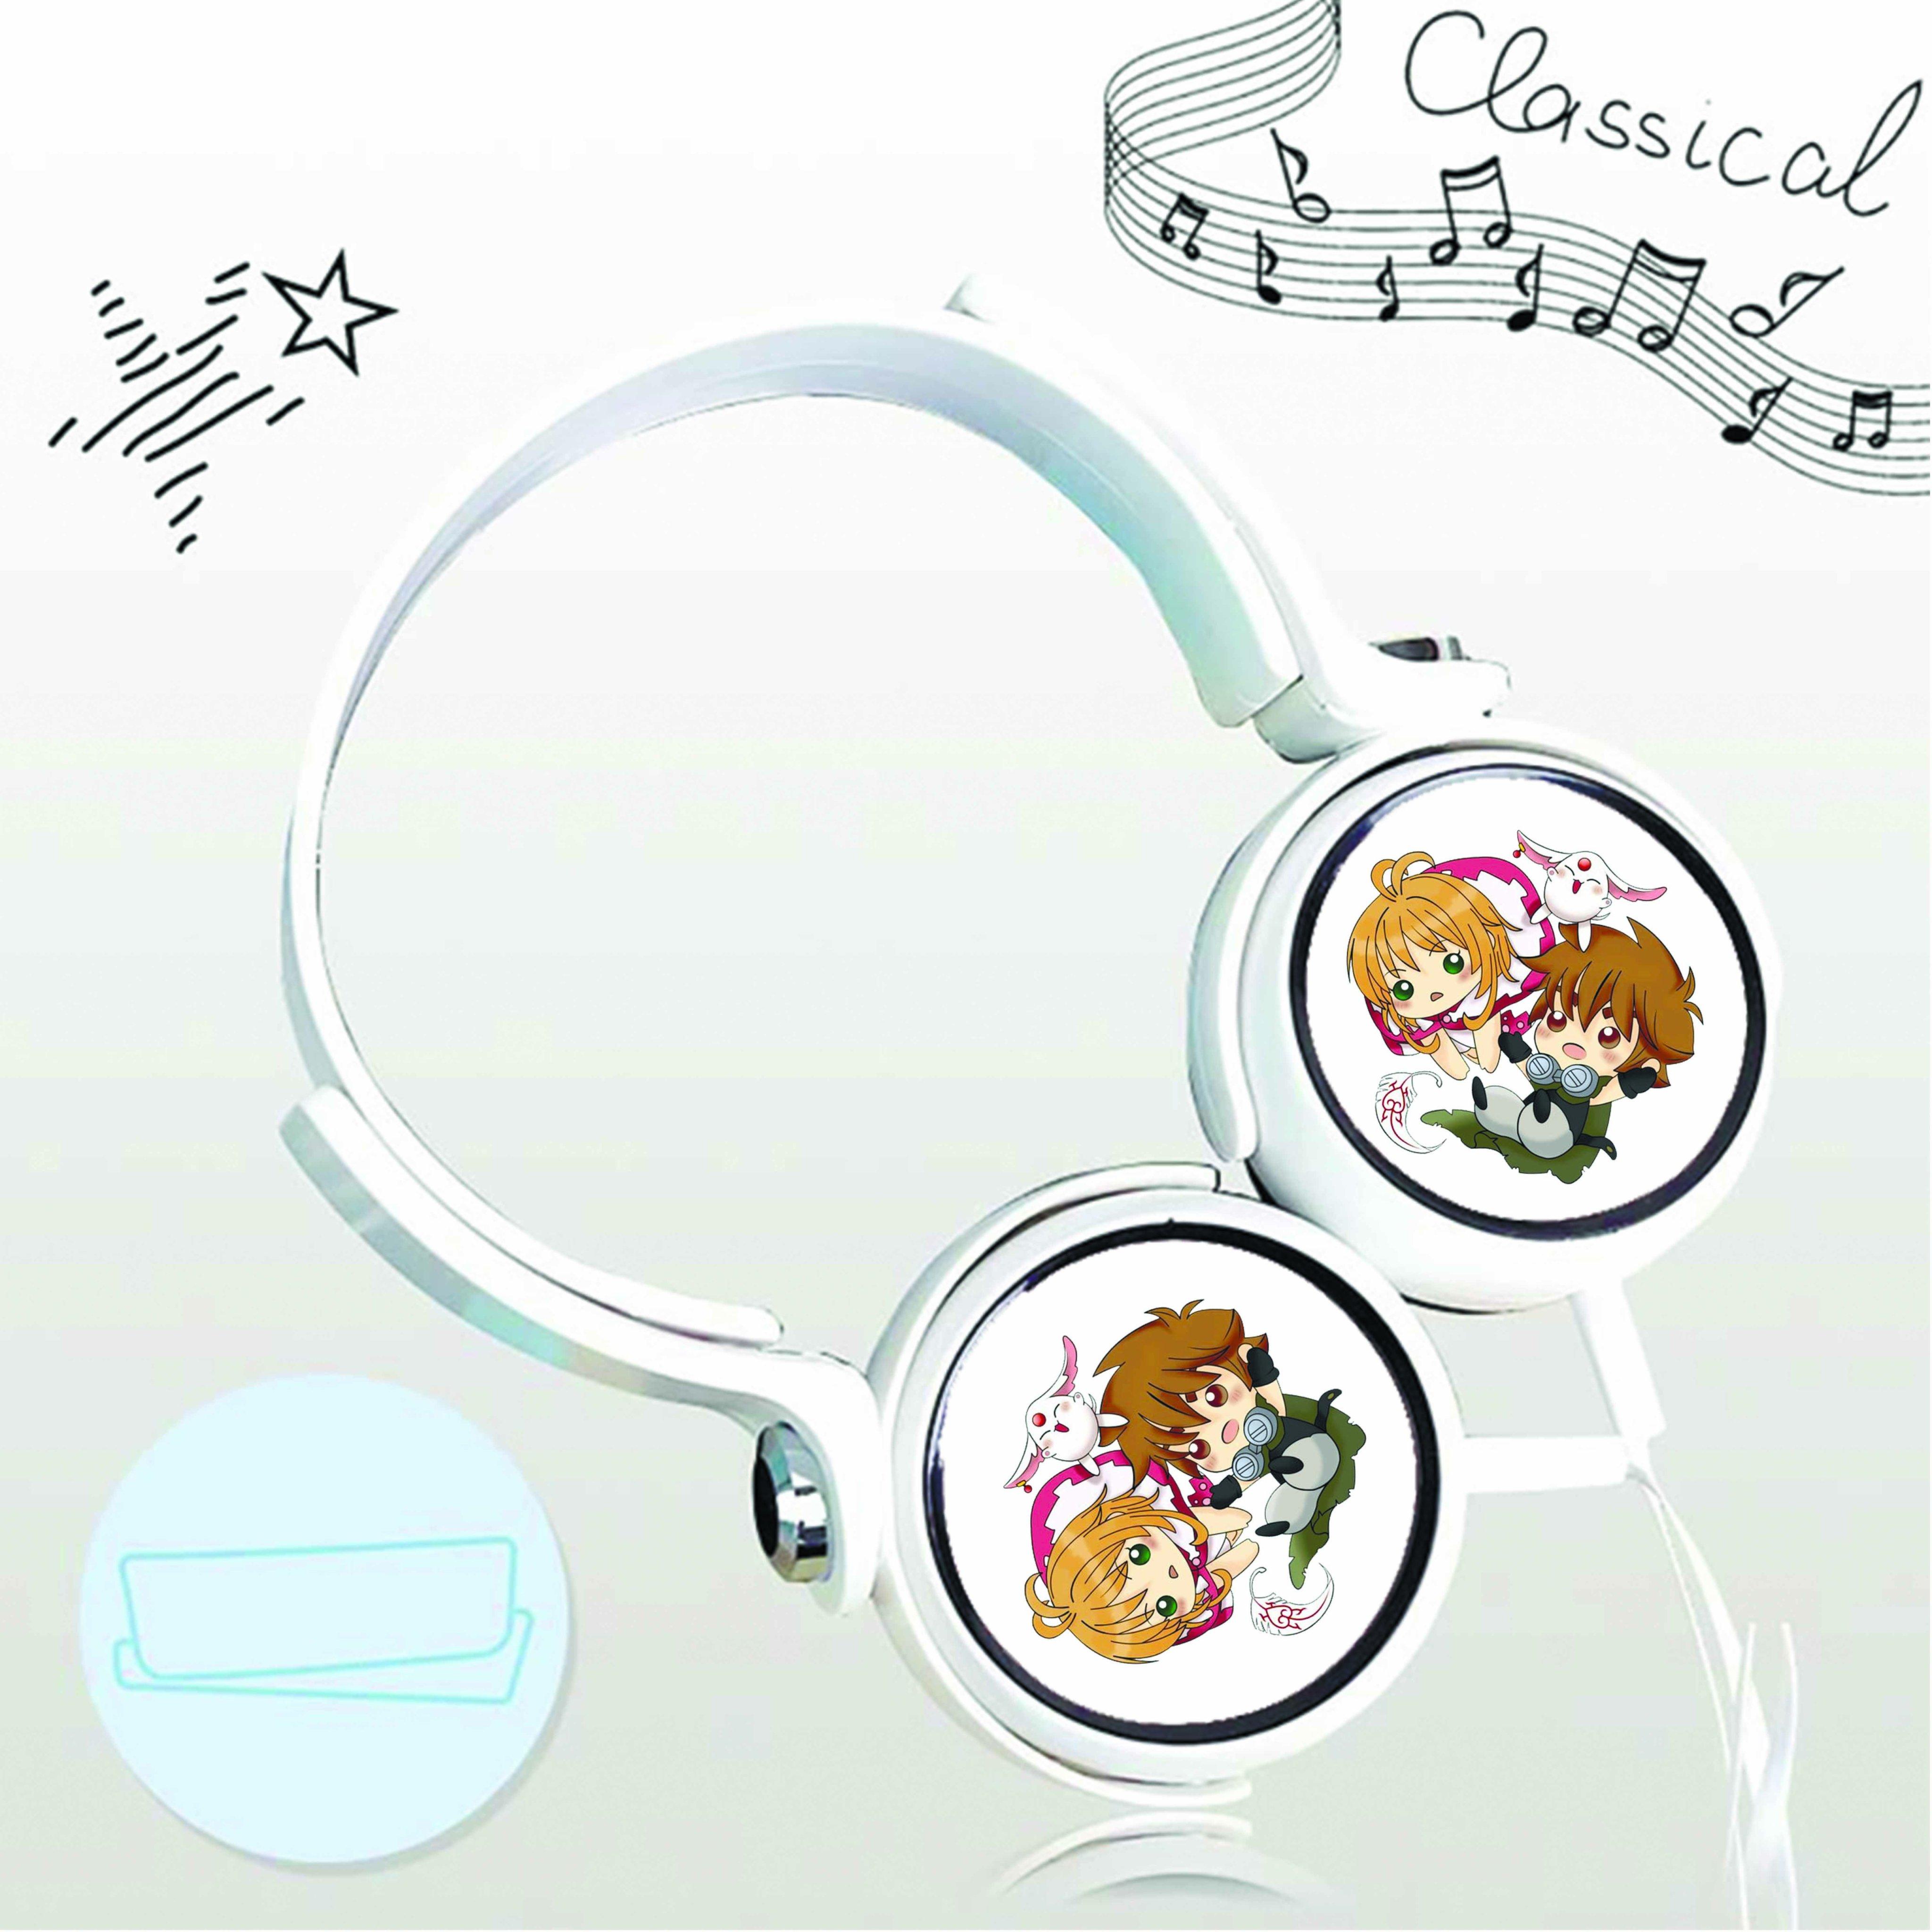 Tai nghe chụp in hình Huyền Thoại Đôi Cánh - Tsubasa: Reservoir Chronicle anime chibi cắm dây có mic